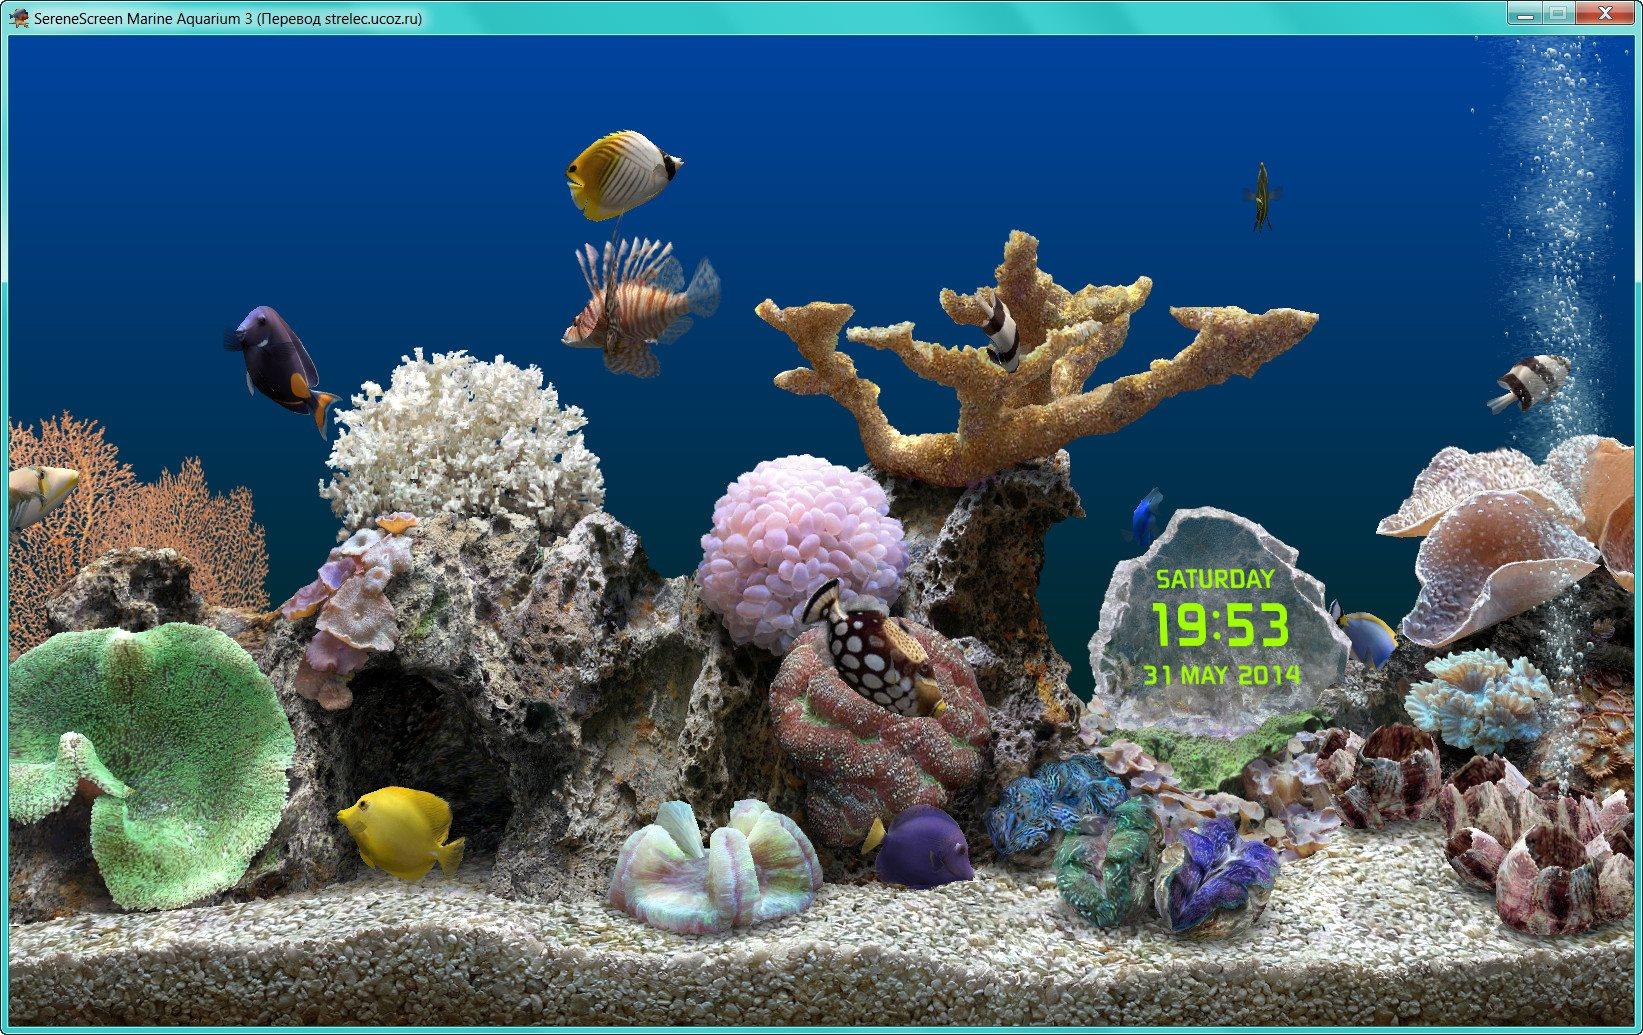 Marine Aquarium [3.3.6341] (2018/PC/Русский), RePack by elchupacabra